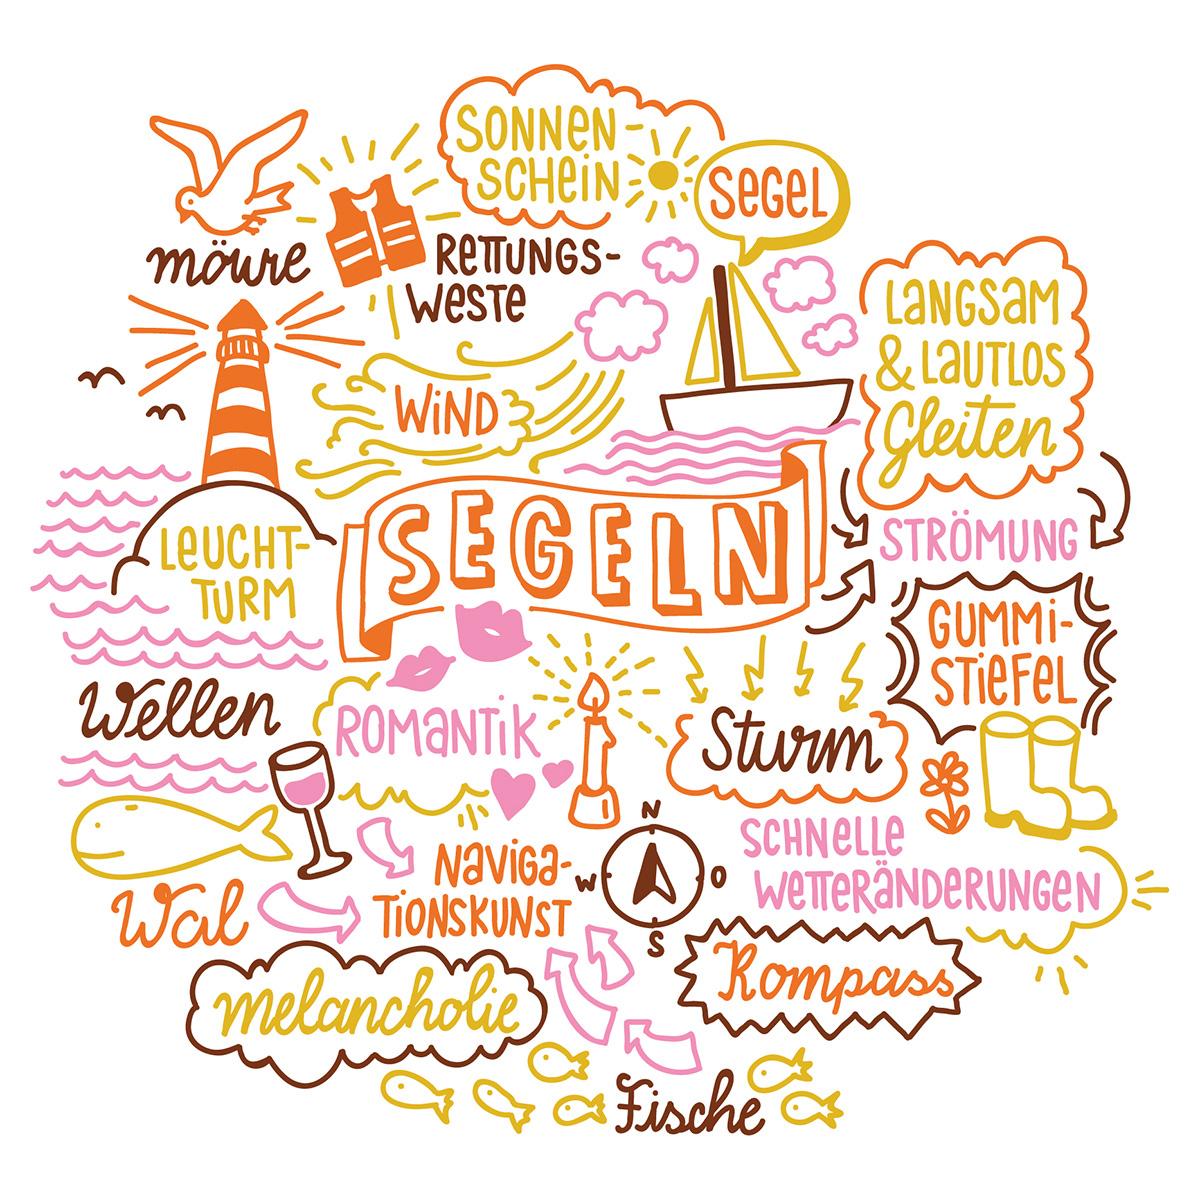 Zum Thema Segeln eine Doodle Illustration mit Lettering und Meer, Fische, Wellen und Leuchtturm. Marina Schilling.